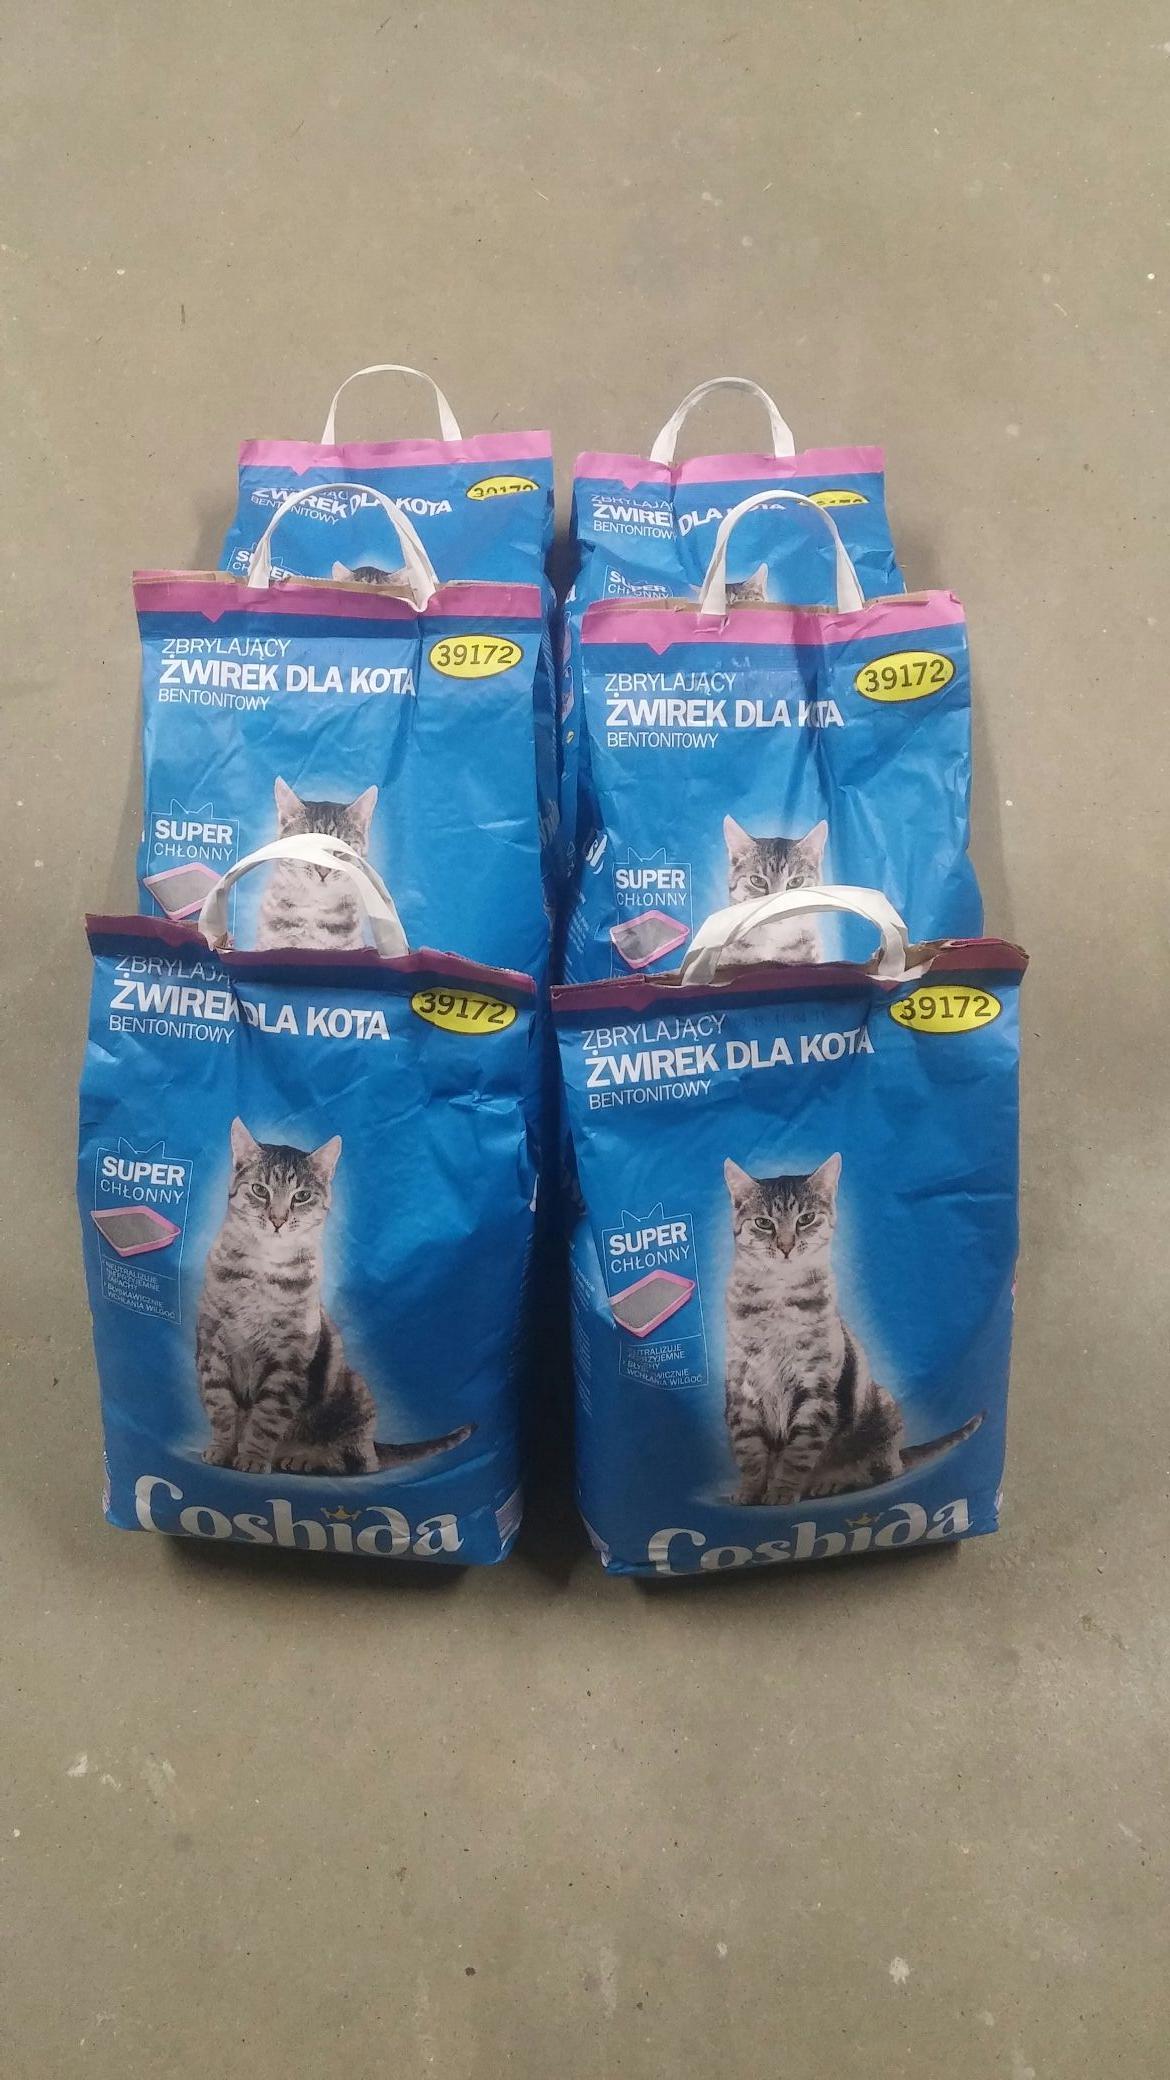 Żwirek dla kota 10kg za pół ceny w lidl z aplikacją i kupon -50% na karmy dla psów i kotów